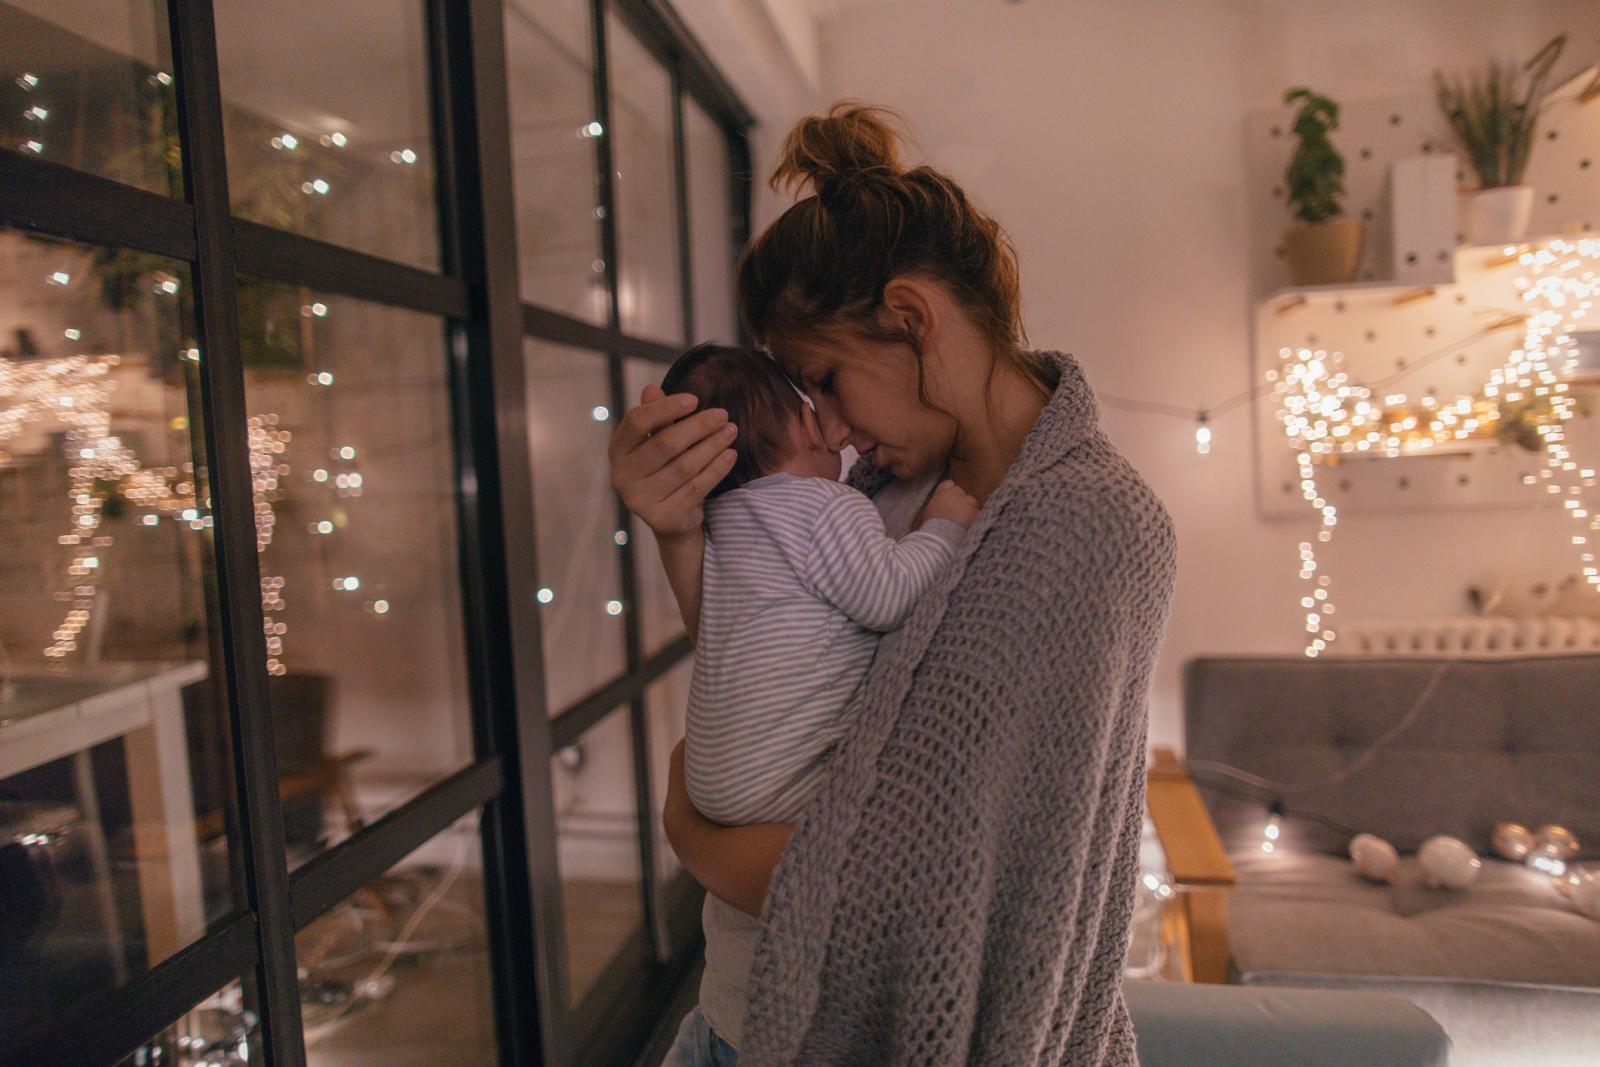 To što ste anksiozniji u odnosu na razdoblje prije djeteta, znači samo da vas je preplavila majčinska nježnost i ljubav.